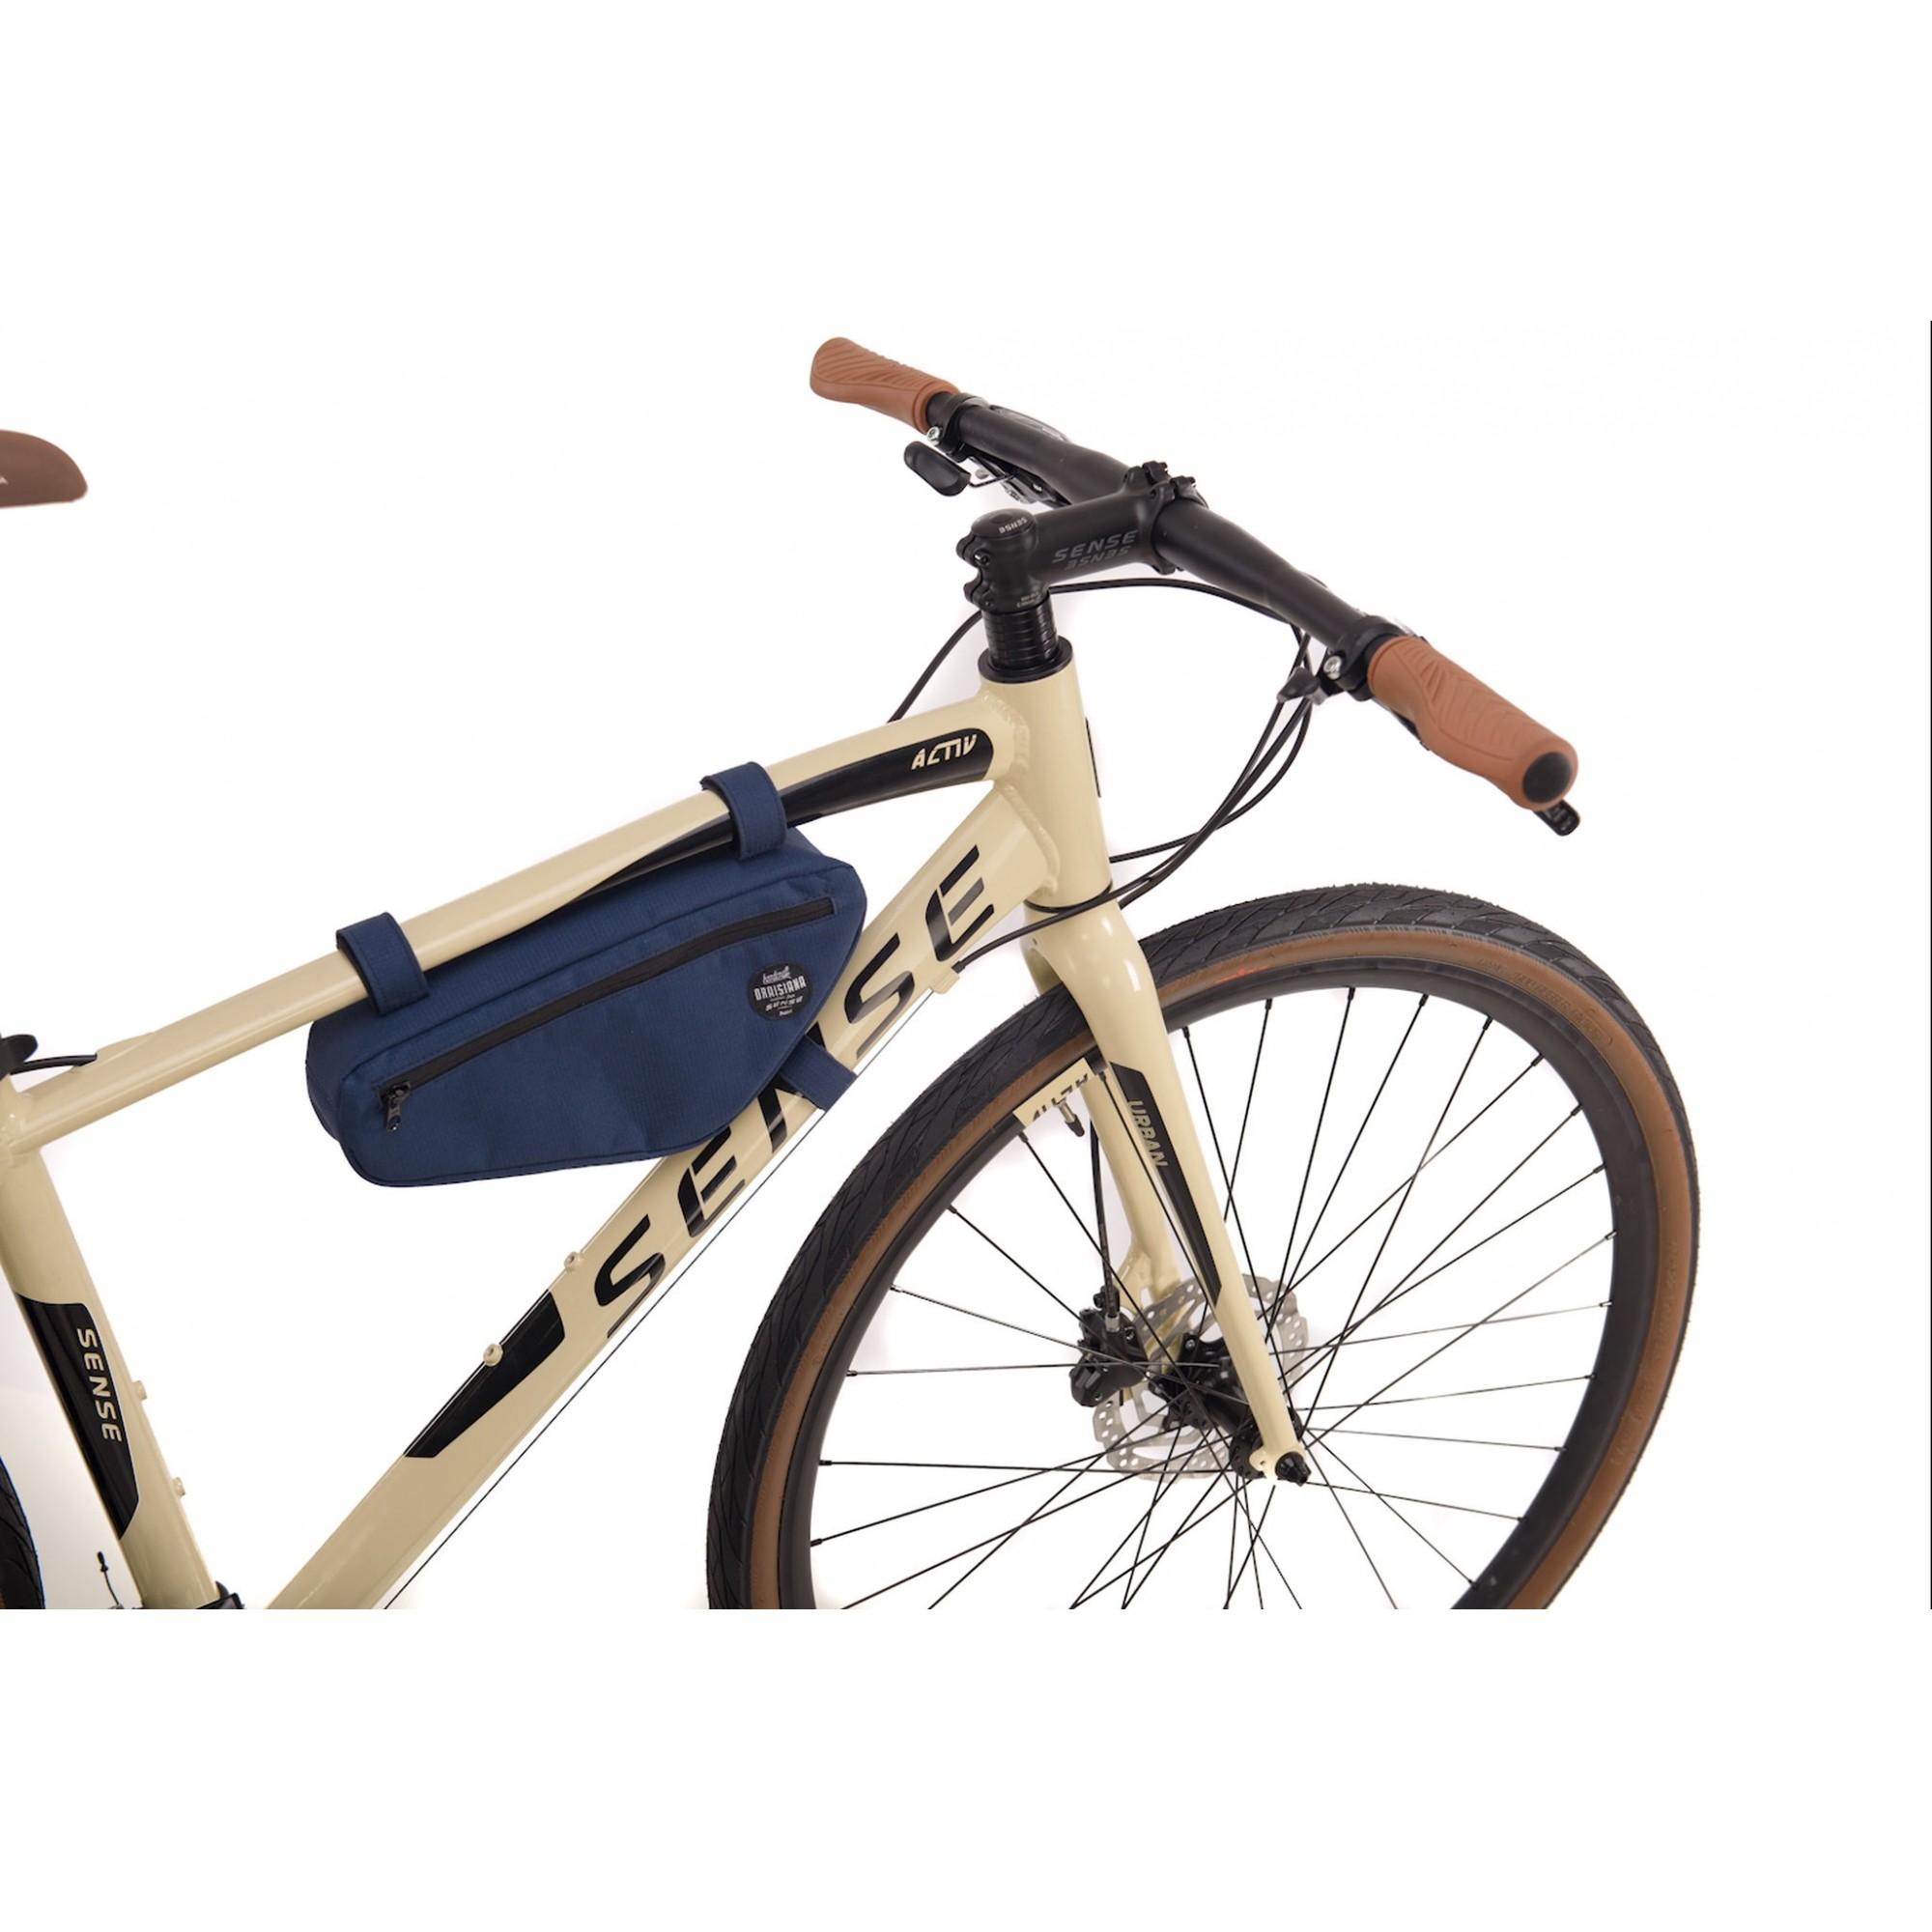 Bicicleta SENSE Urban Activ 2021 - 27v Shimano Altus - Freio Hidráulico - Creme